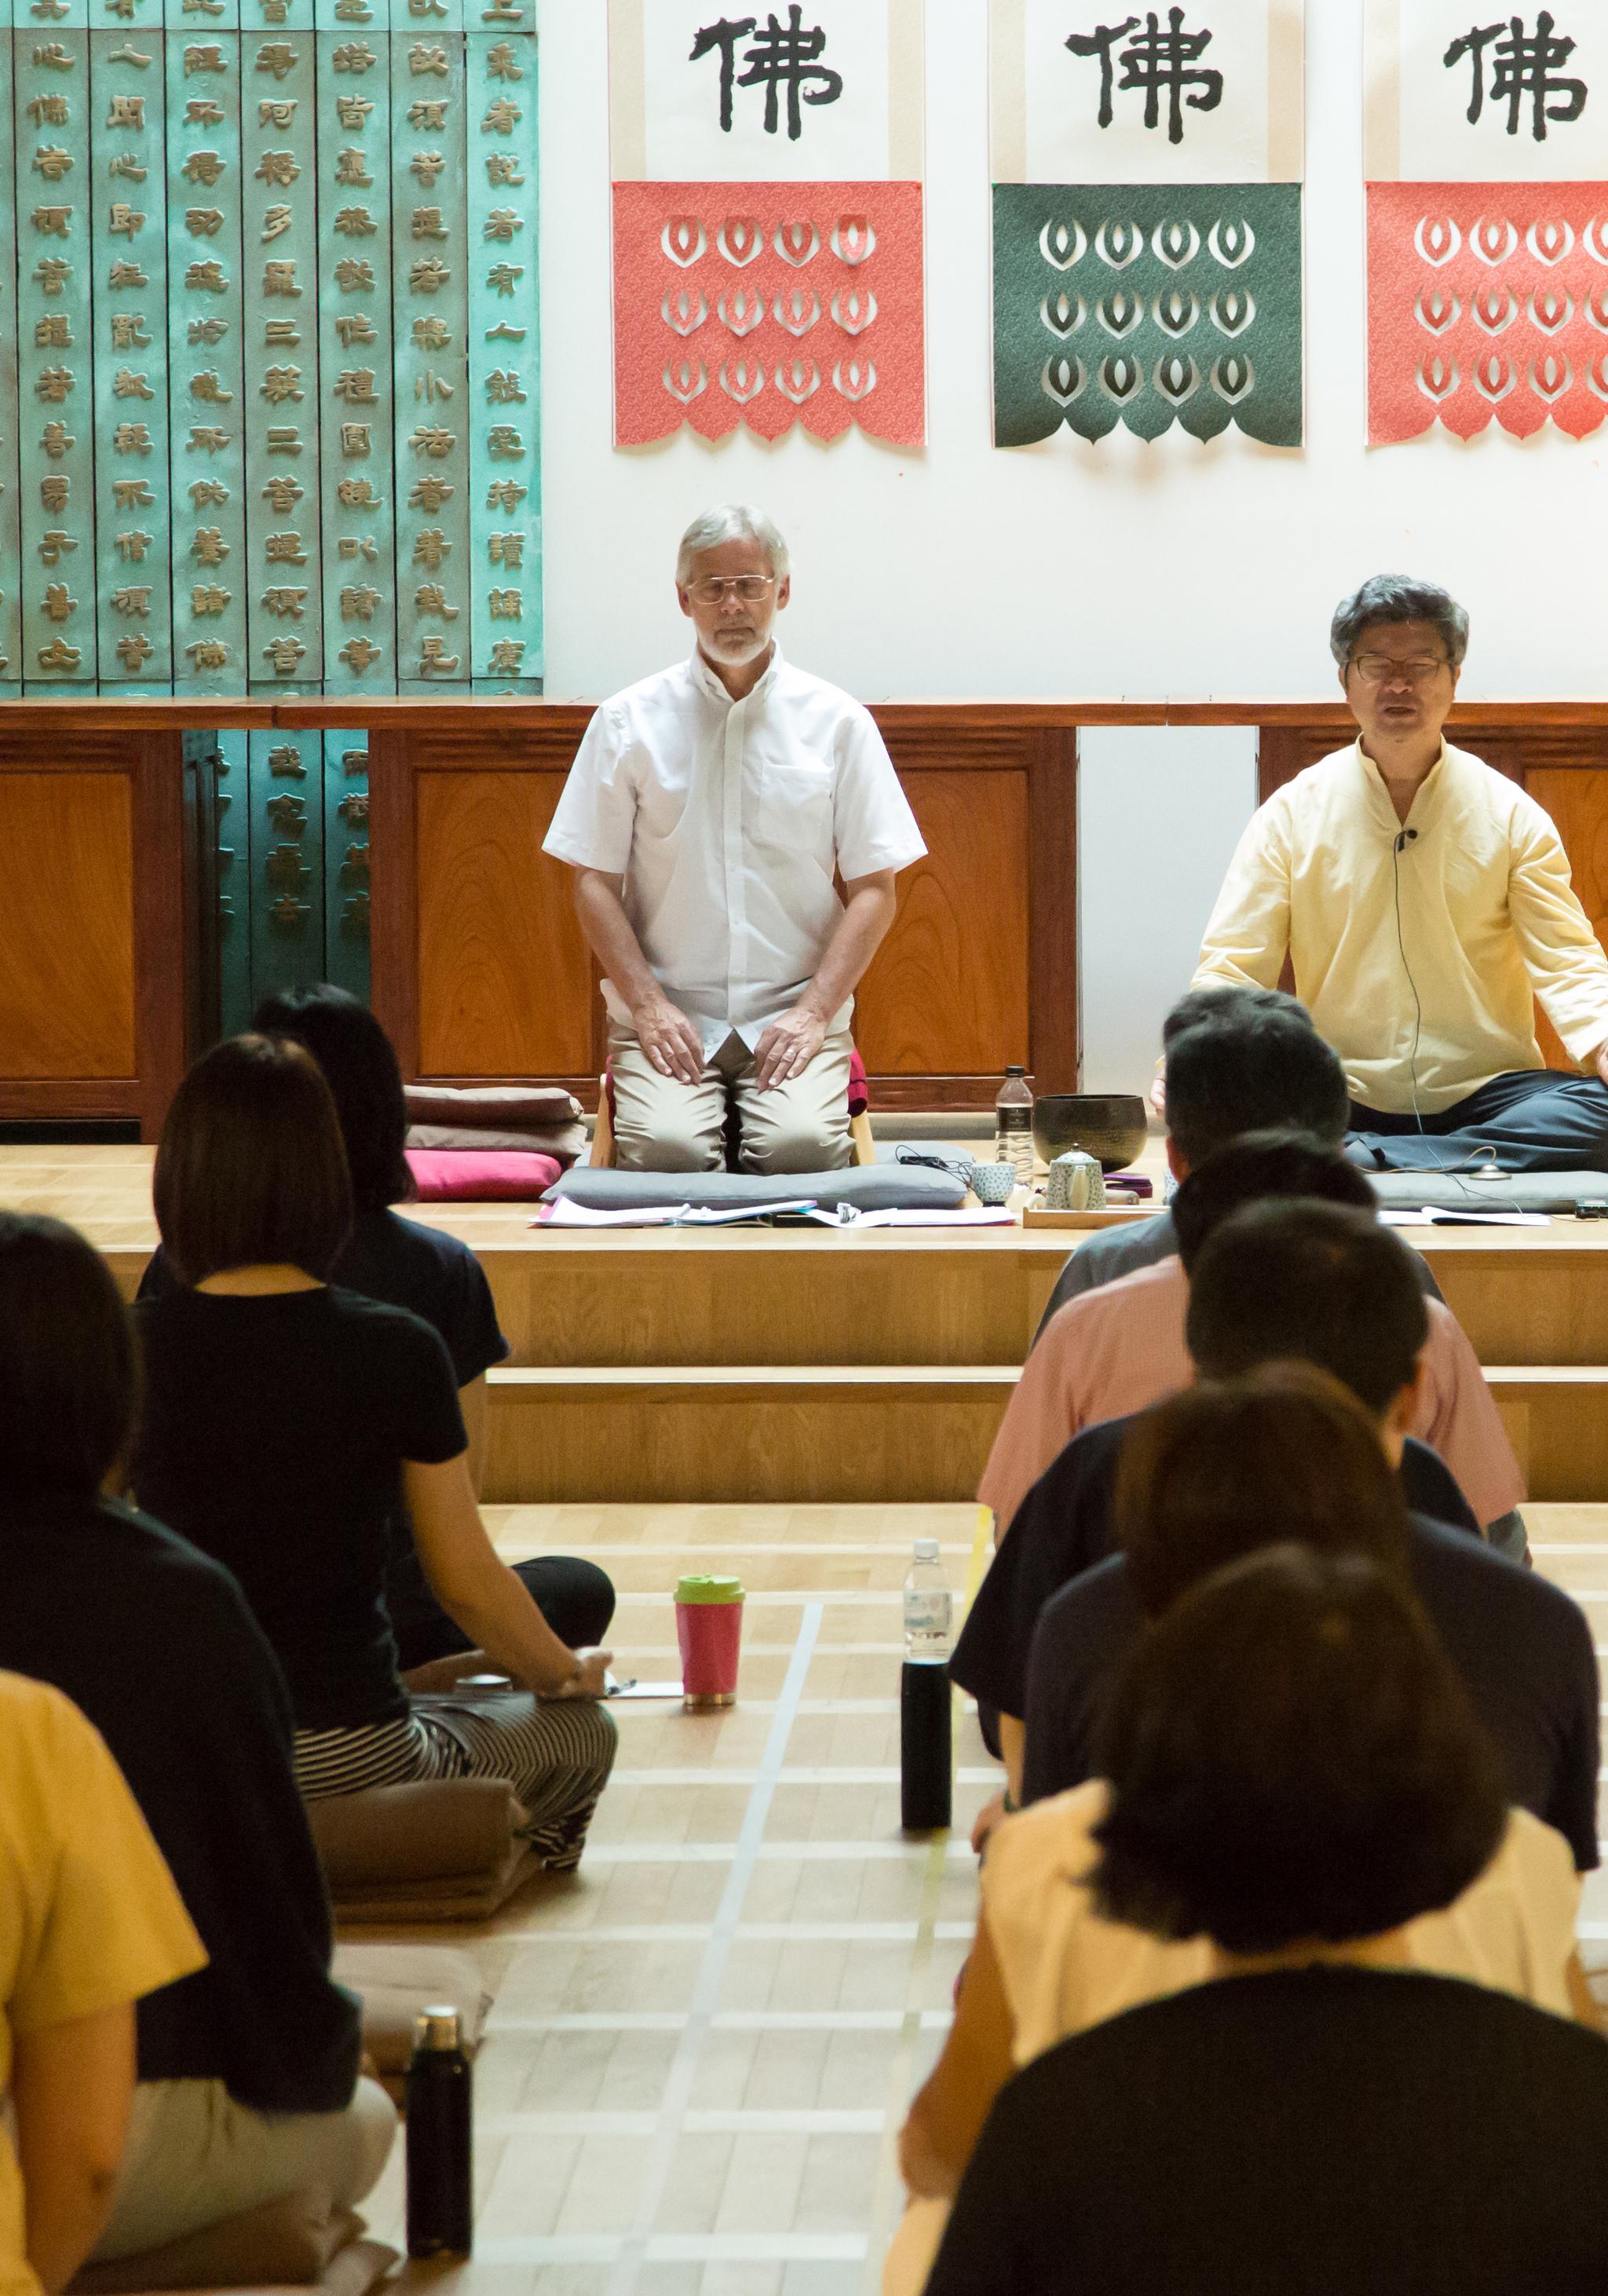 3만원 '명상 캠프' 일찌감치 매진···세계적 대가들, 강남 모인다